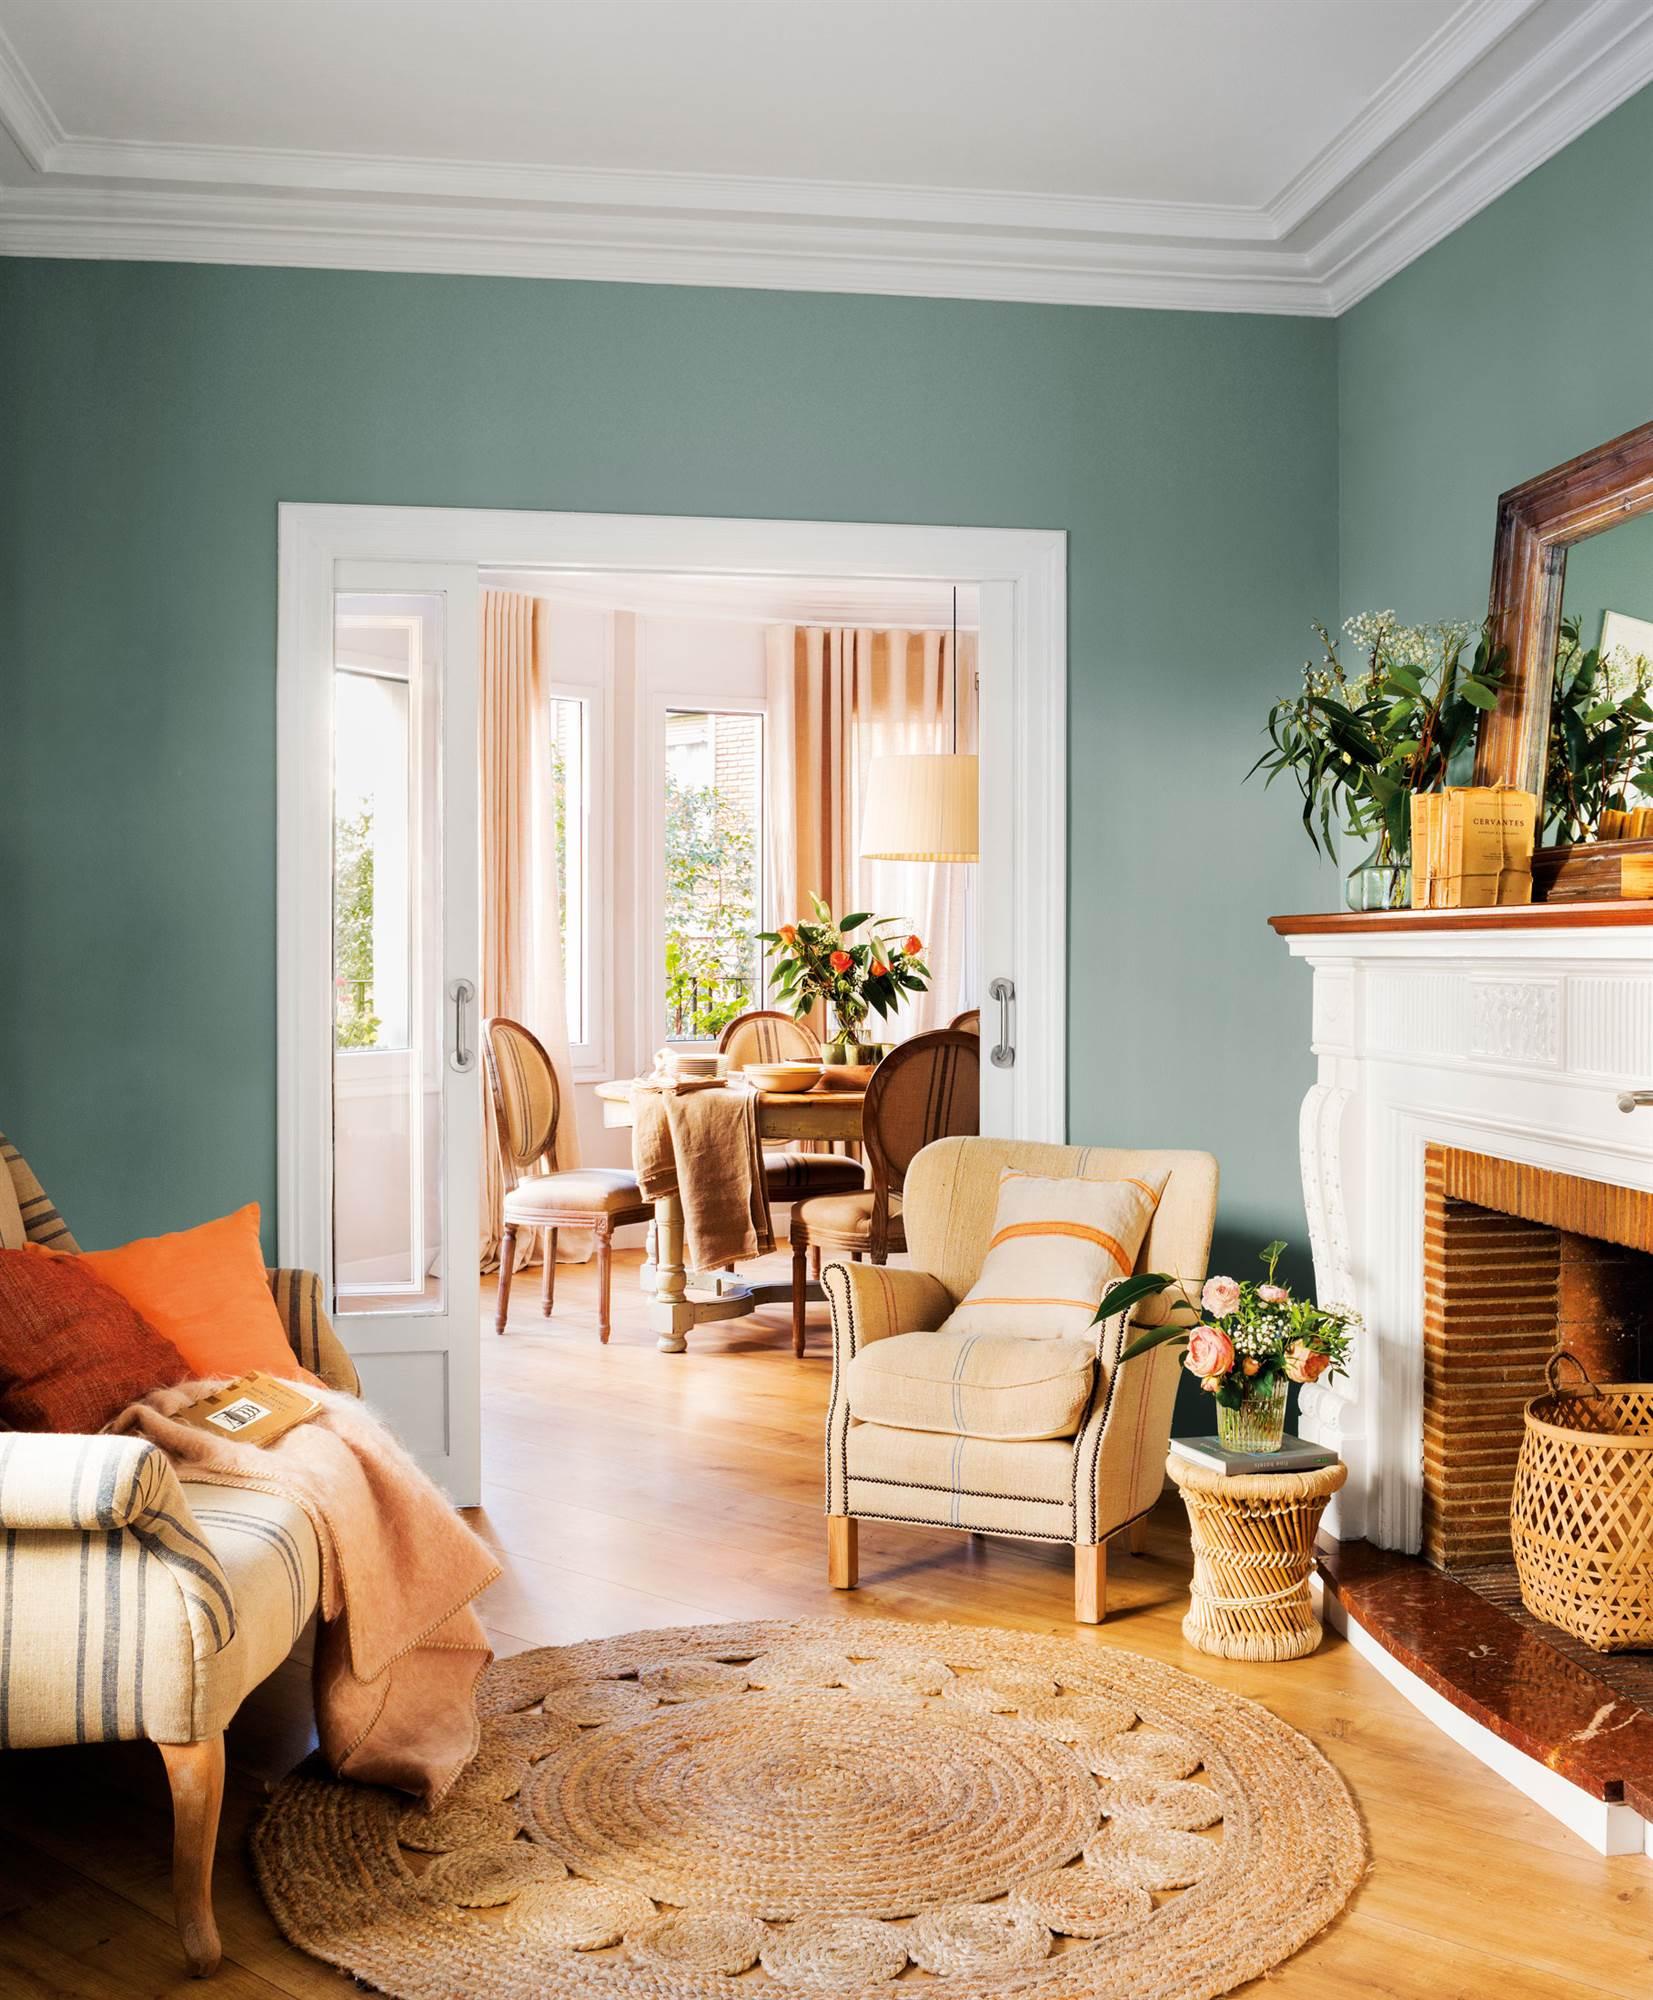 Pintar la casa seg n el signo del zod aco for Decorar casa con muebles verdes